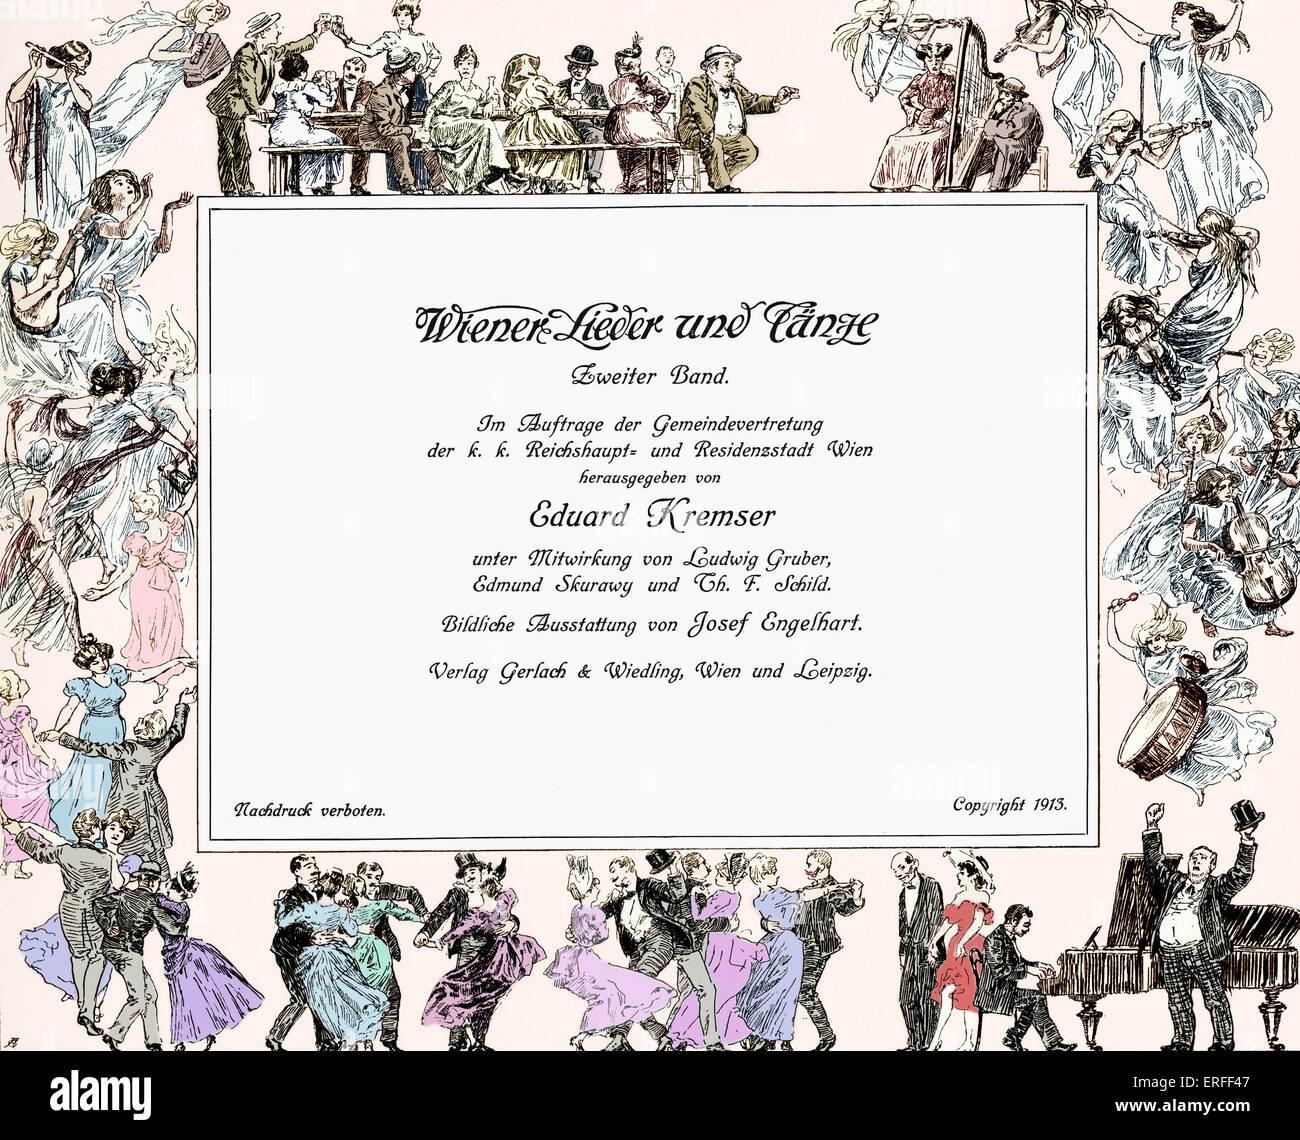 La Première Guerre mondiale avant Vienne. Valse, polka, réjouissance. La célébration. De l'alcool. Photo Stock